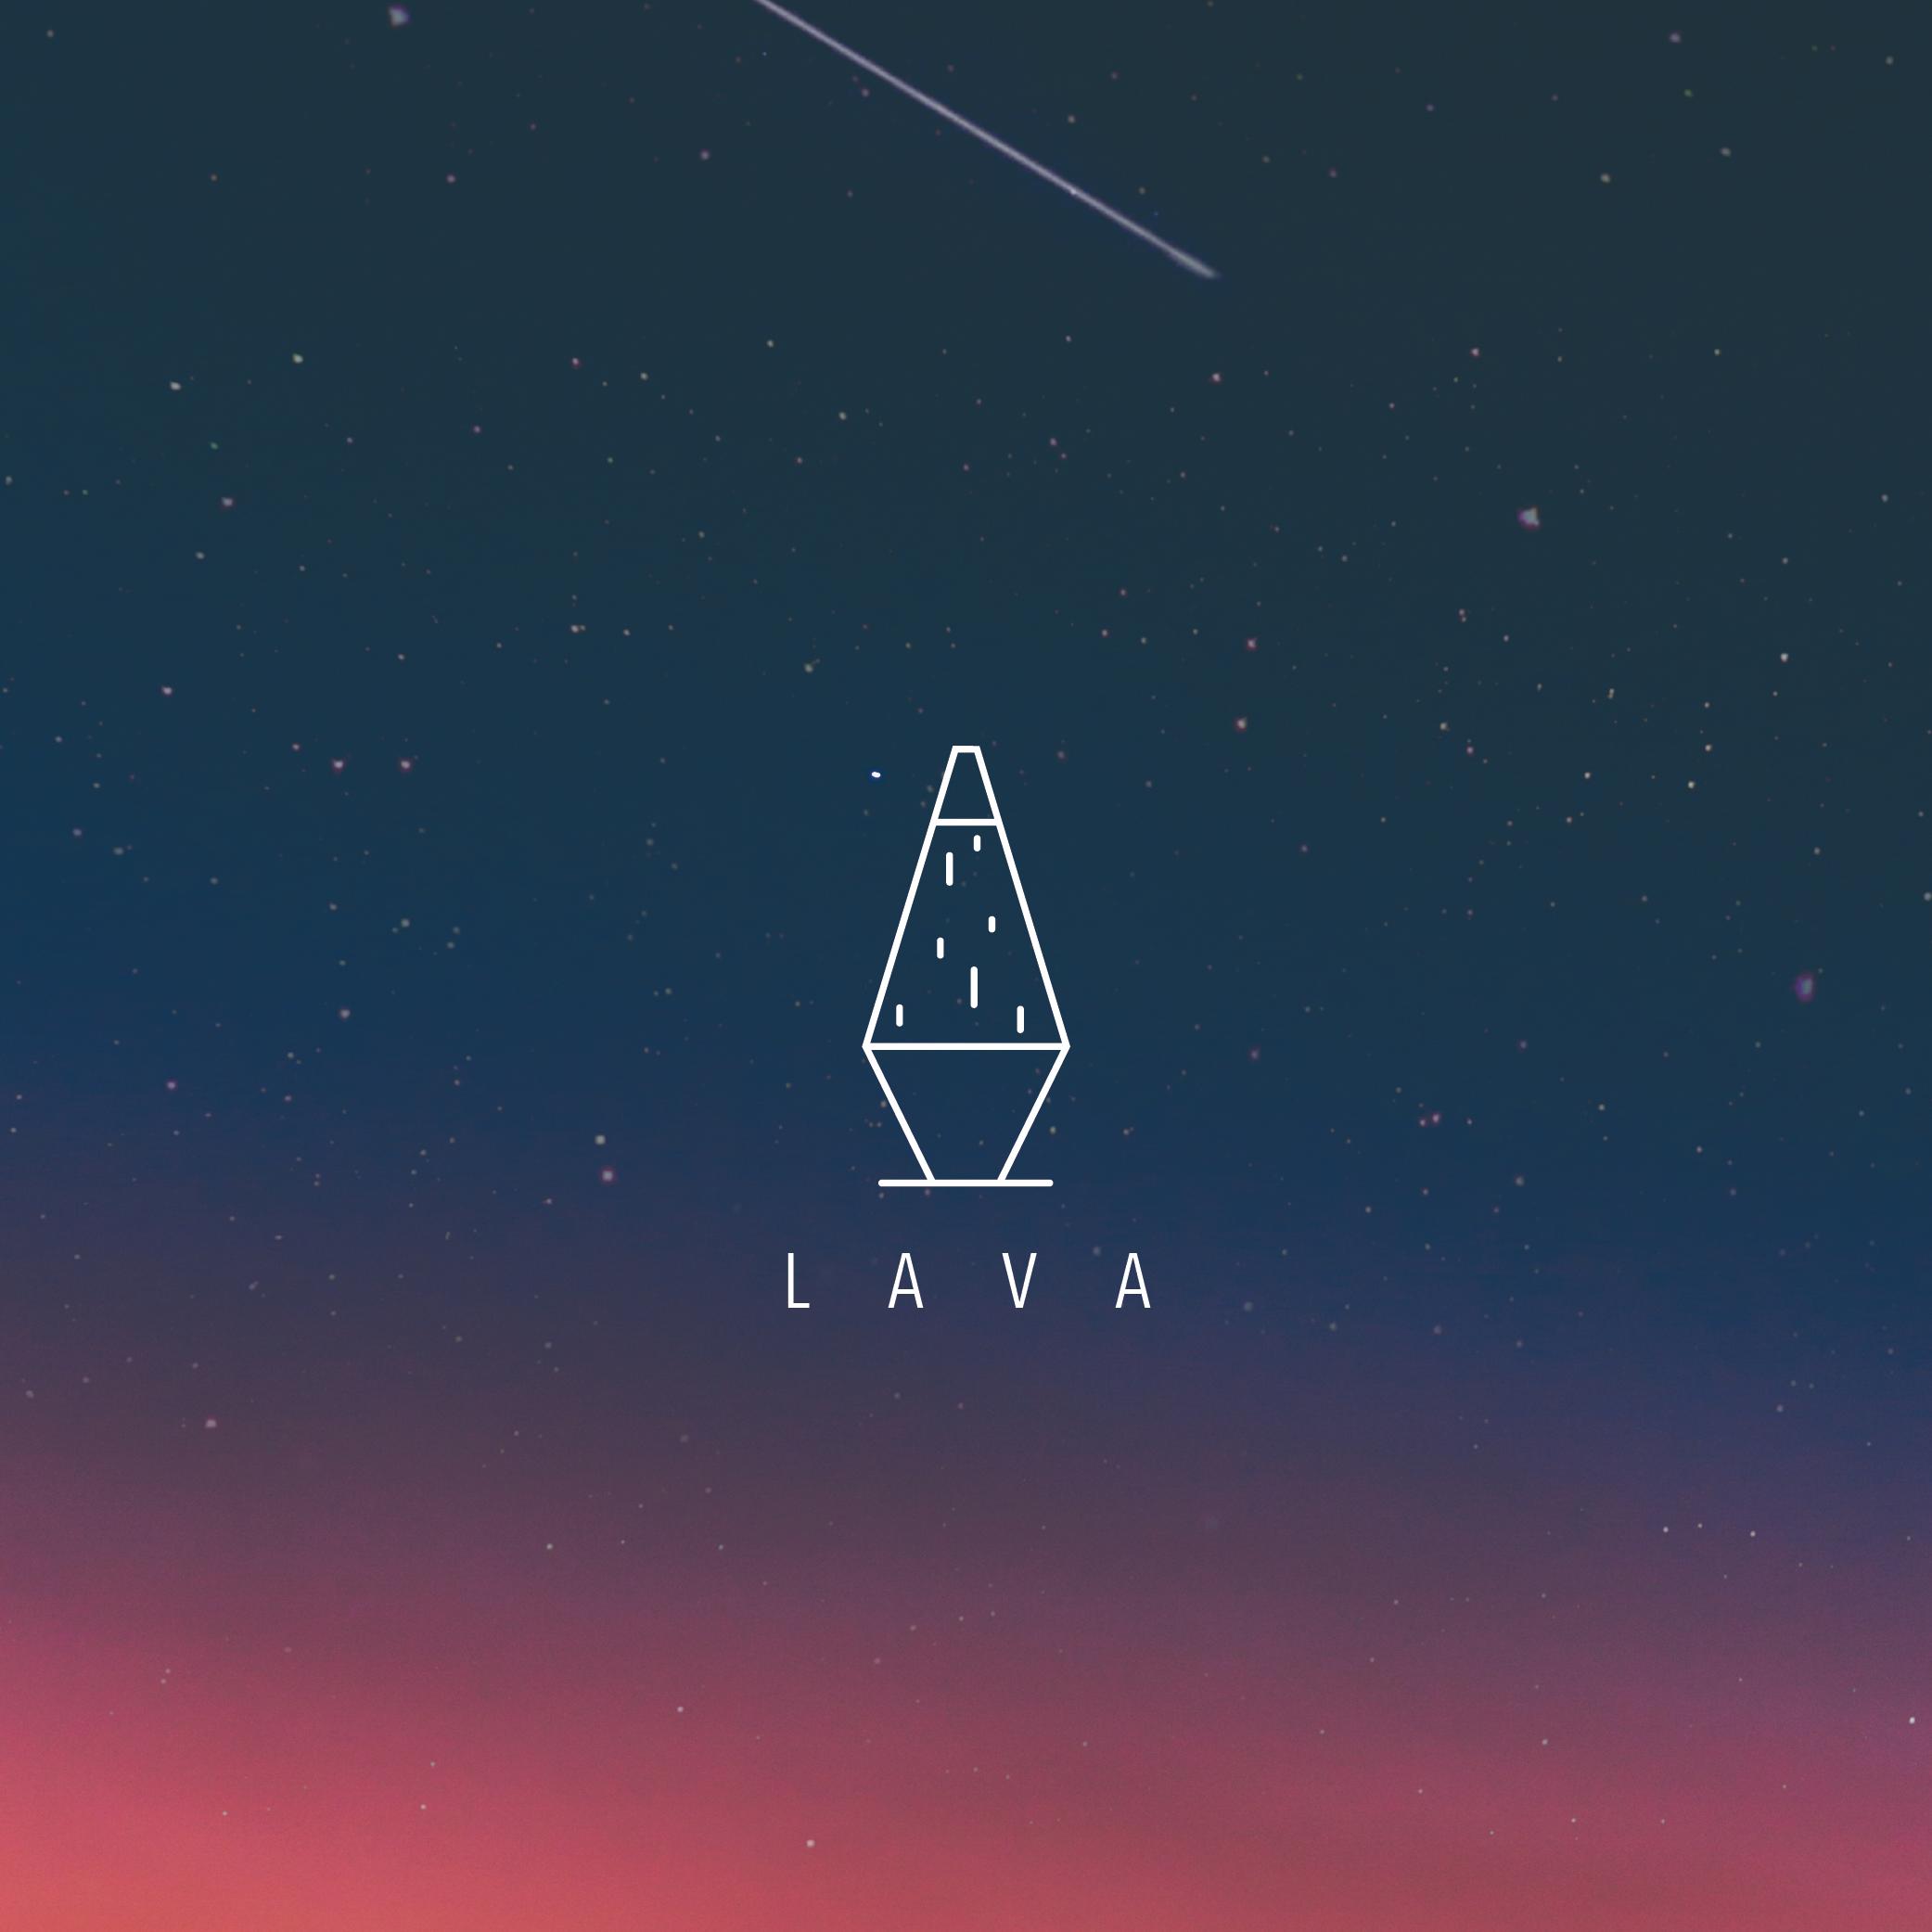 Lava Logo - Apollo Creative Co - Hampshire Graphic Design